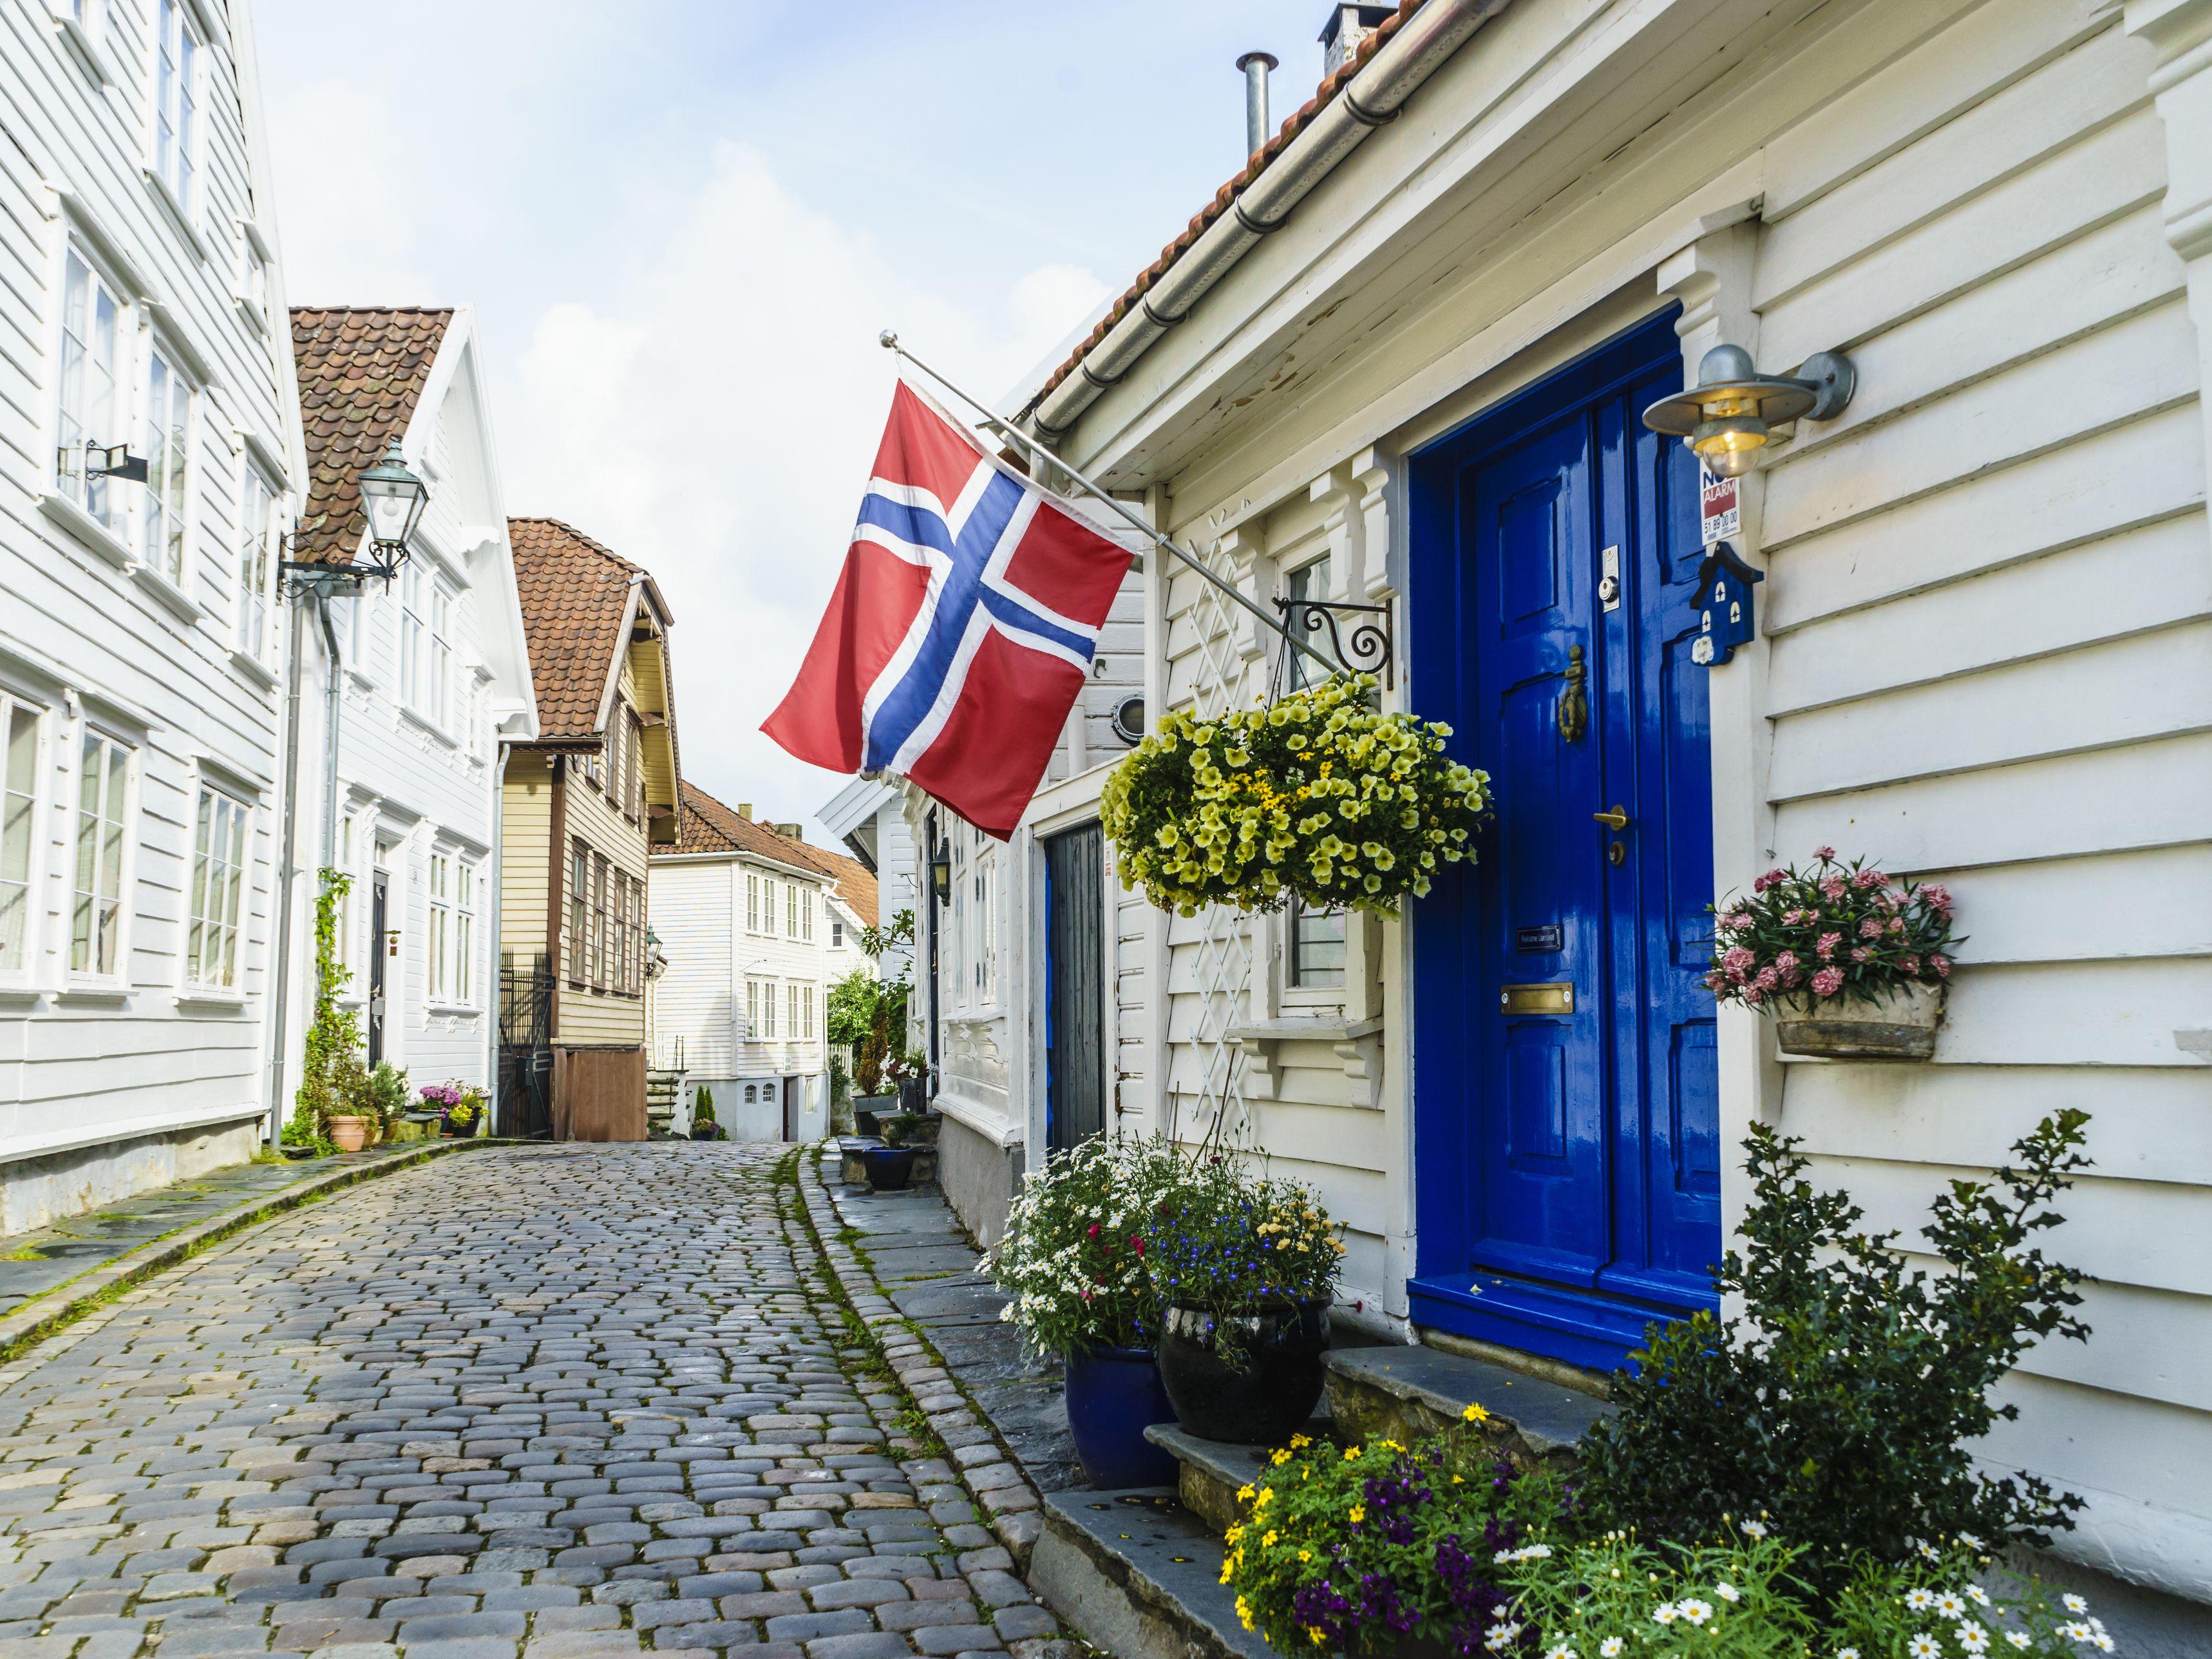 10 Things to Avoid in Norway